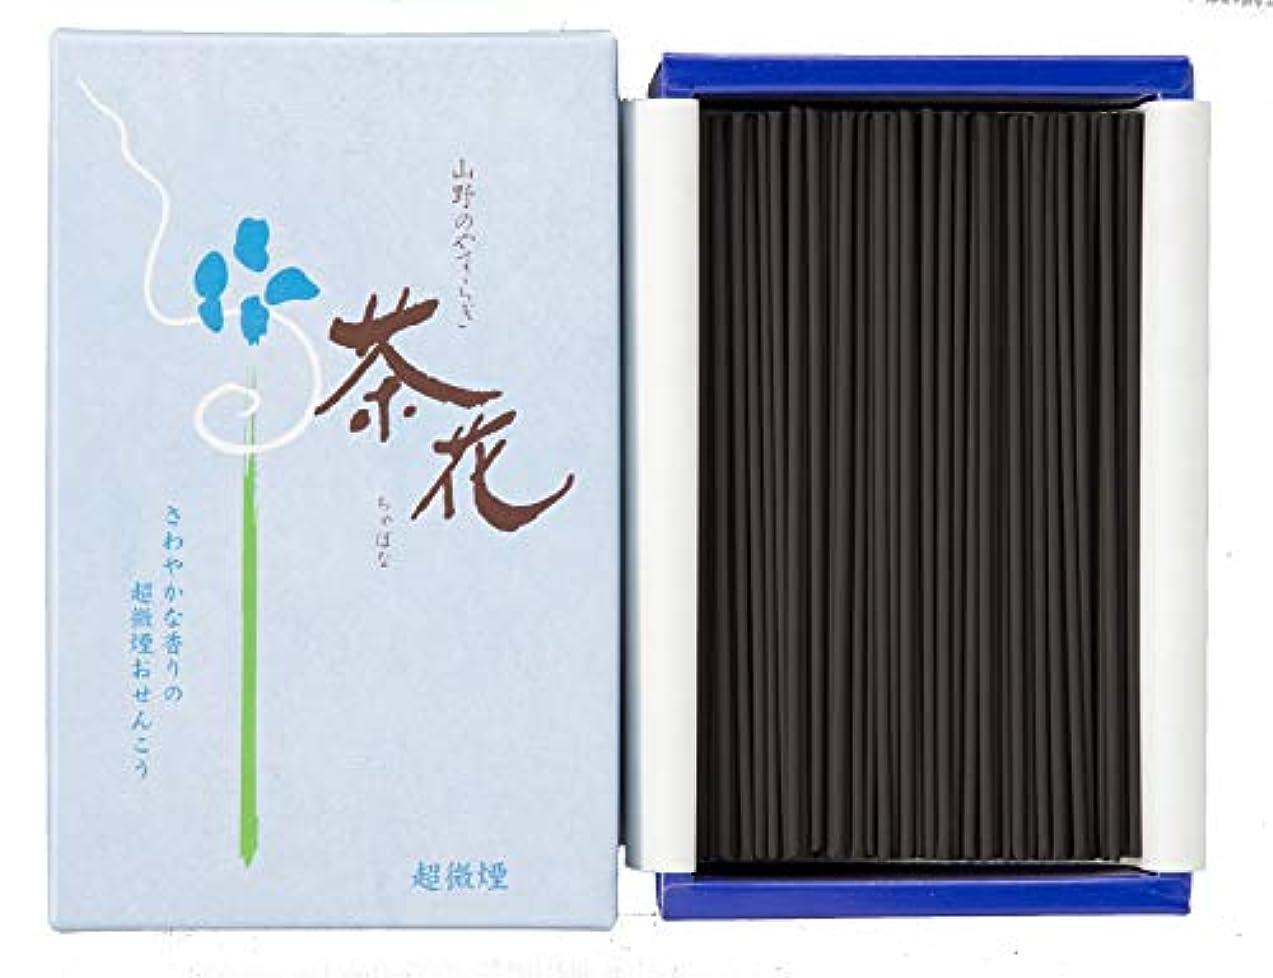 シングル野望定常尚林堂 茶花 超微煙 大型バラ詰 159120-1050